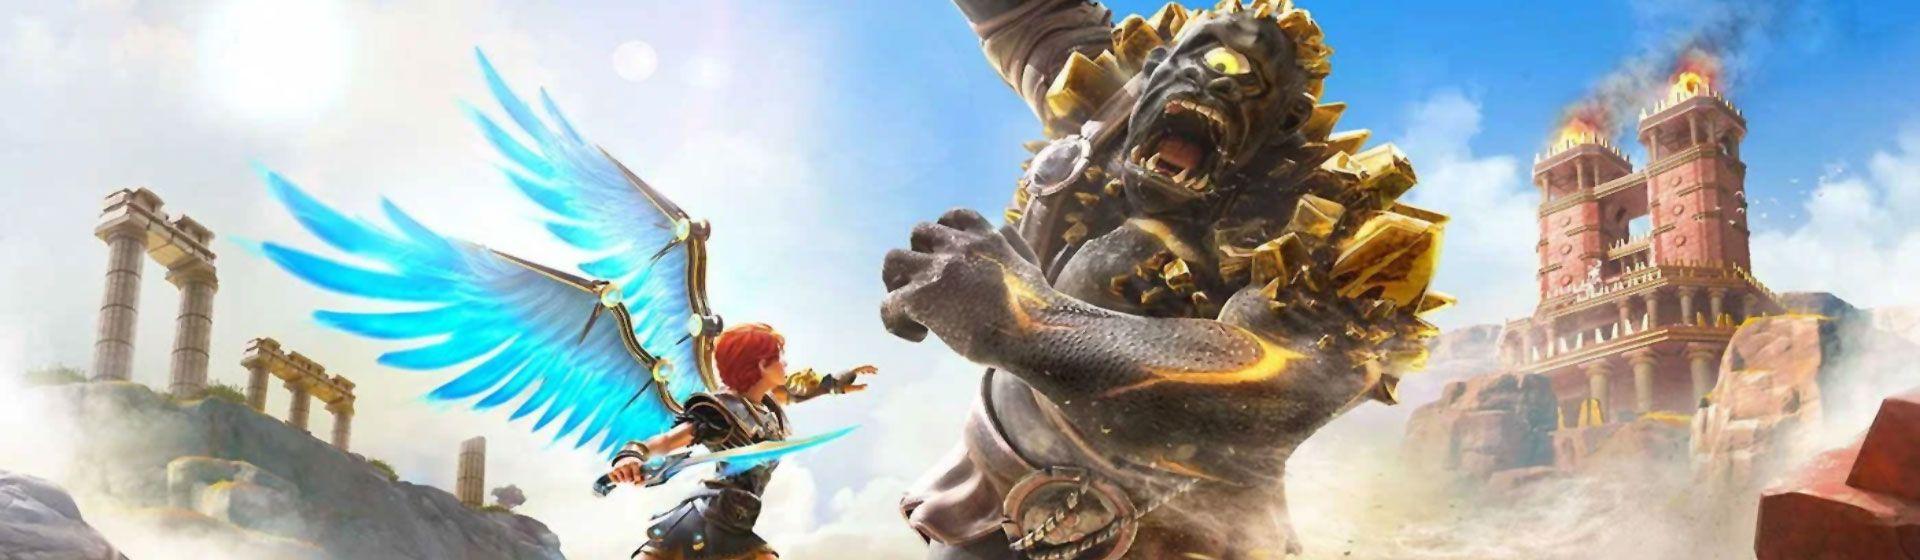 Immortals: Fenyx Rising ganha demo jogável em PS4, PS5, Xbox, PC e Nintendo Switch